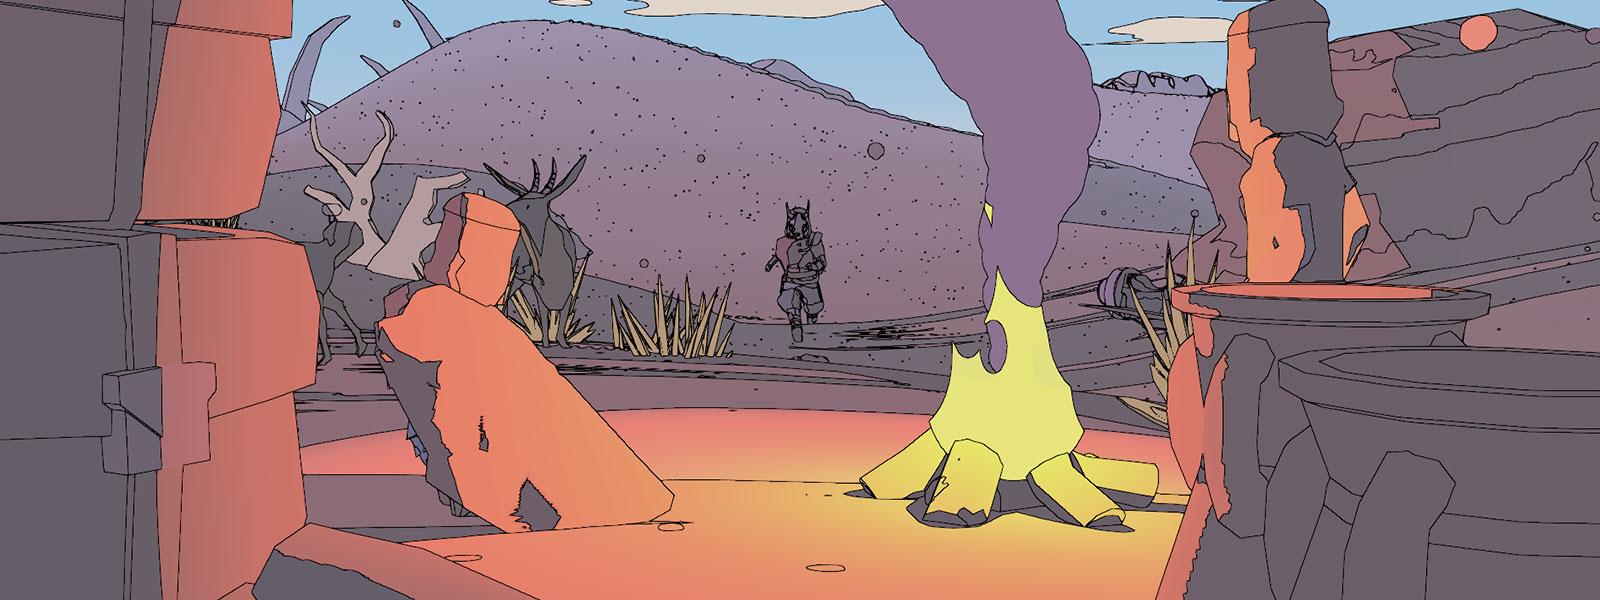 Sable biegnąca w kierunku ogniska